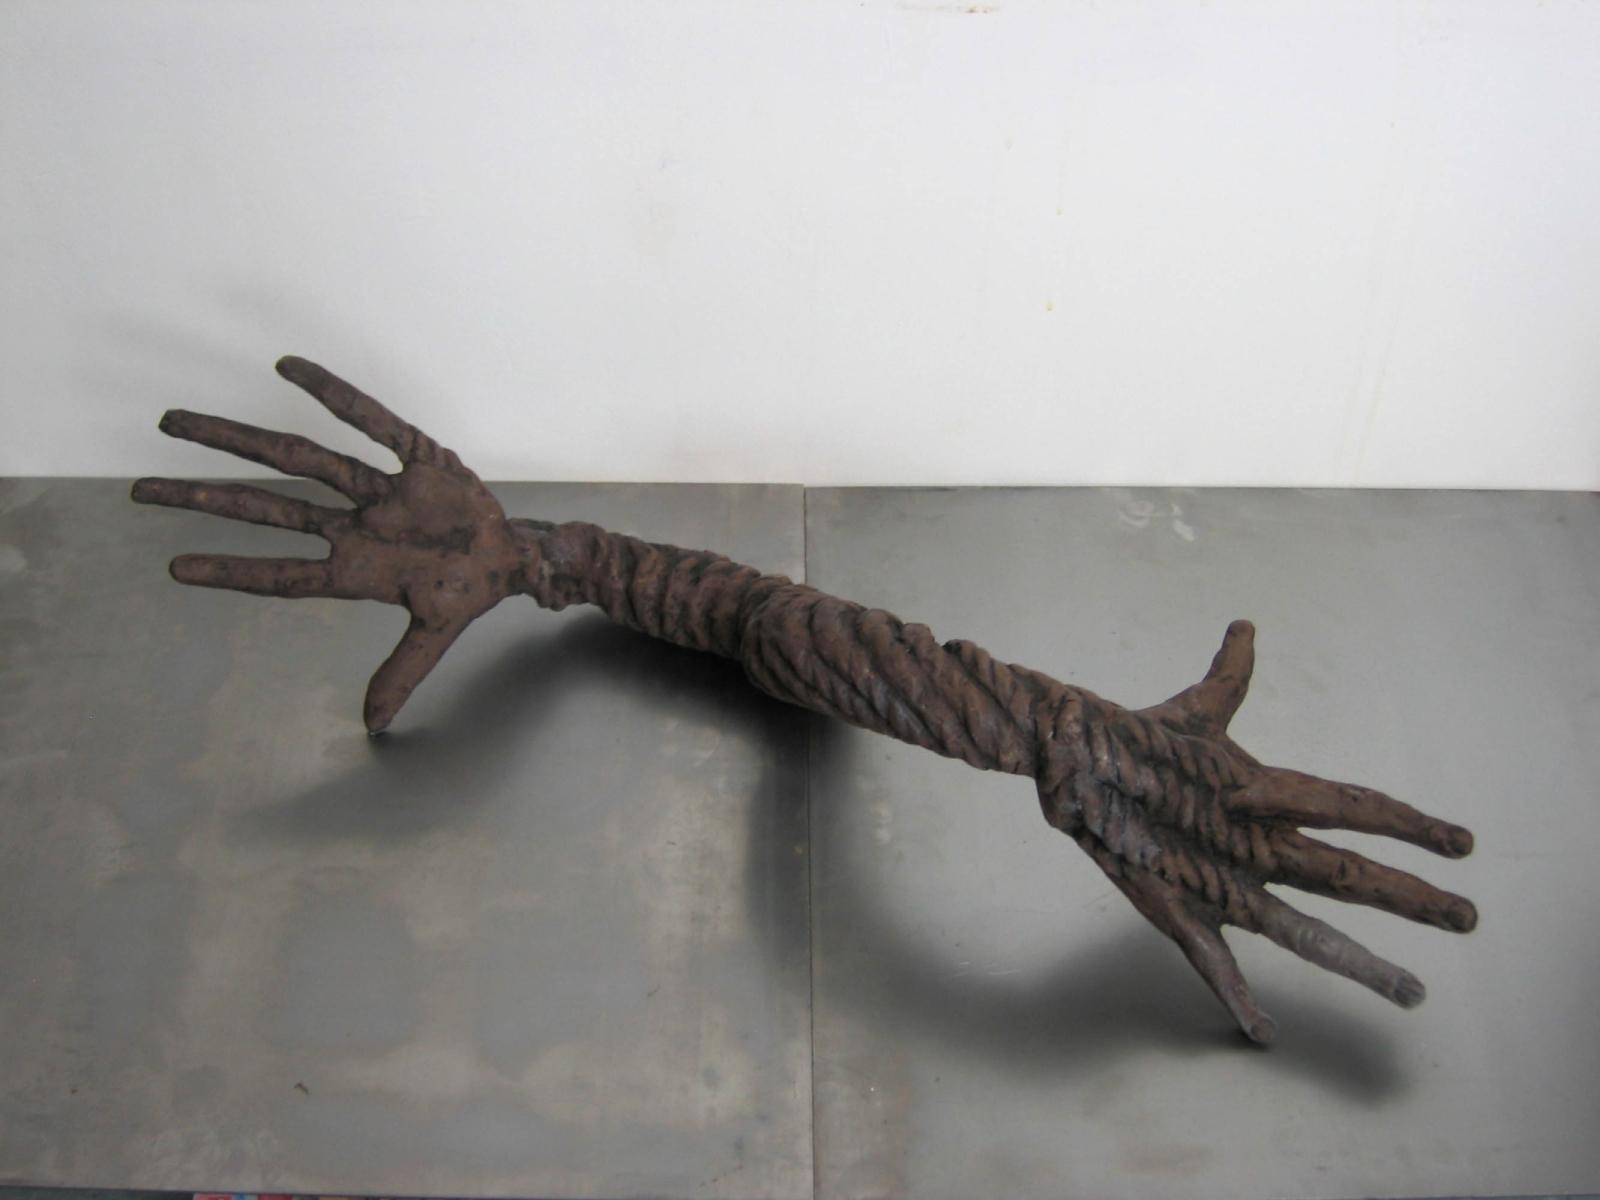 Hands III, 2007, ceramic, 70 cm x 25 cm x 25 cm